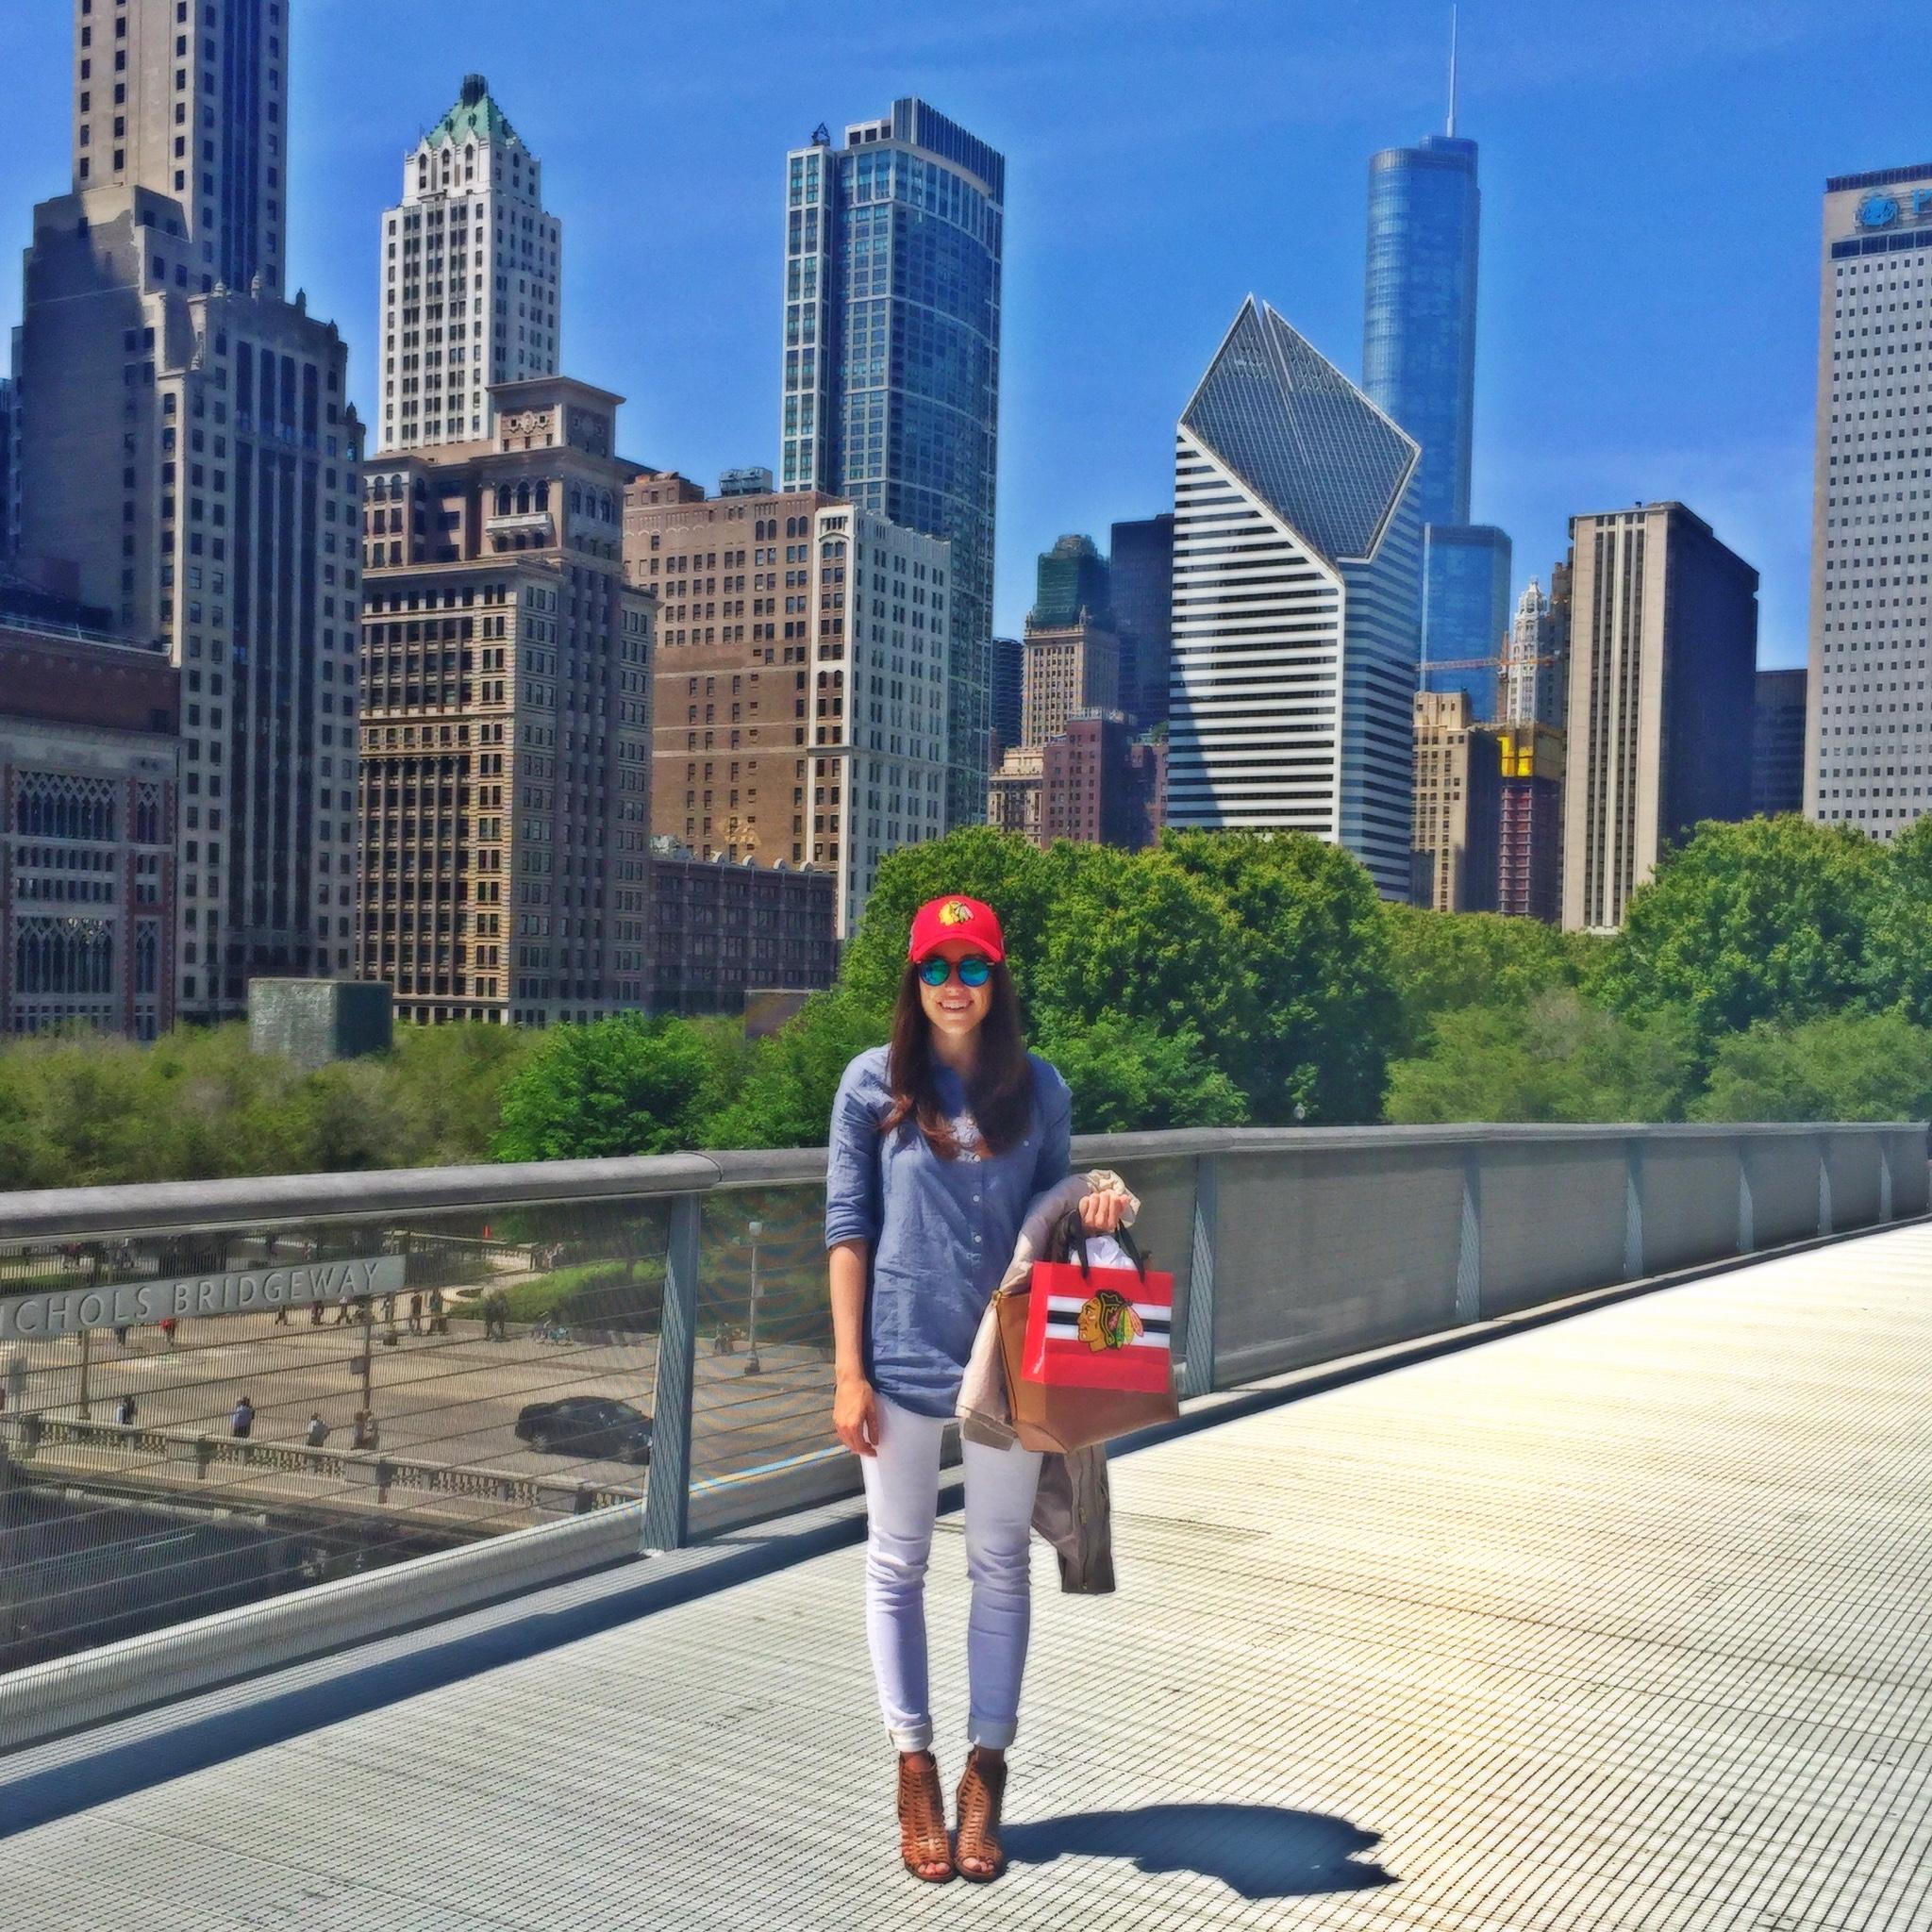 Art Institute of Chicago Bridge